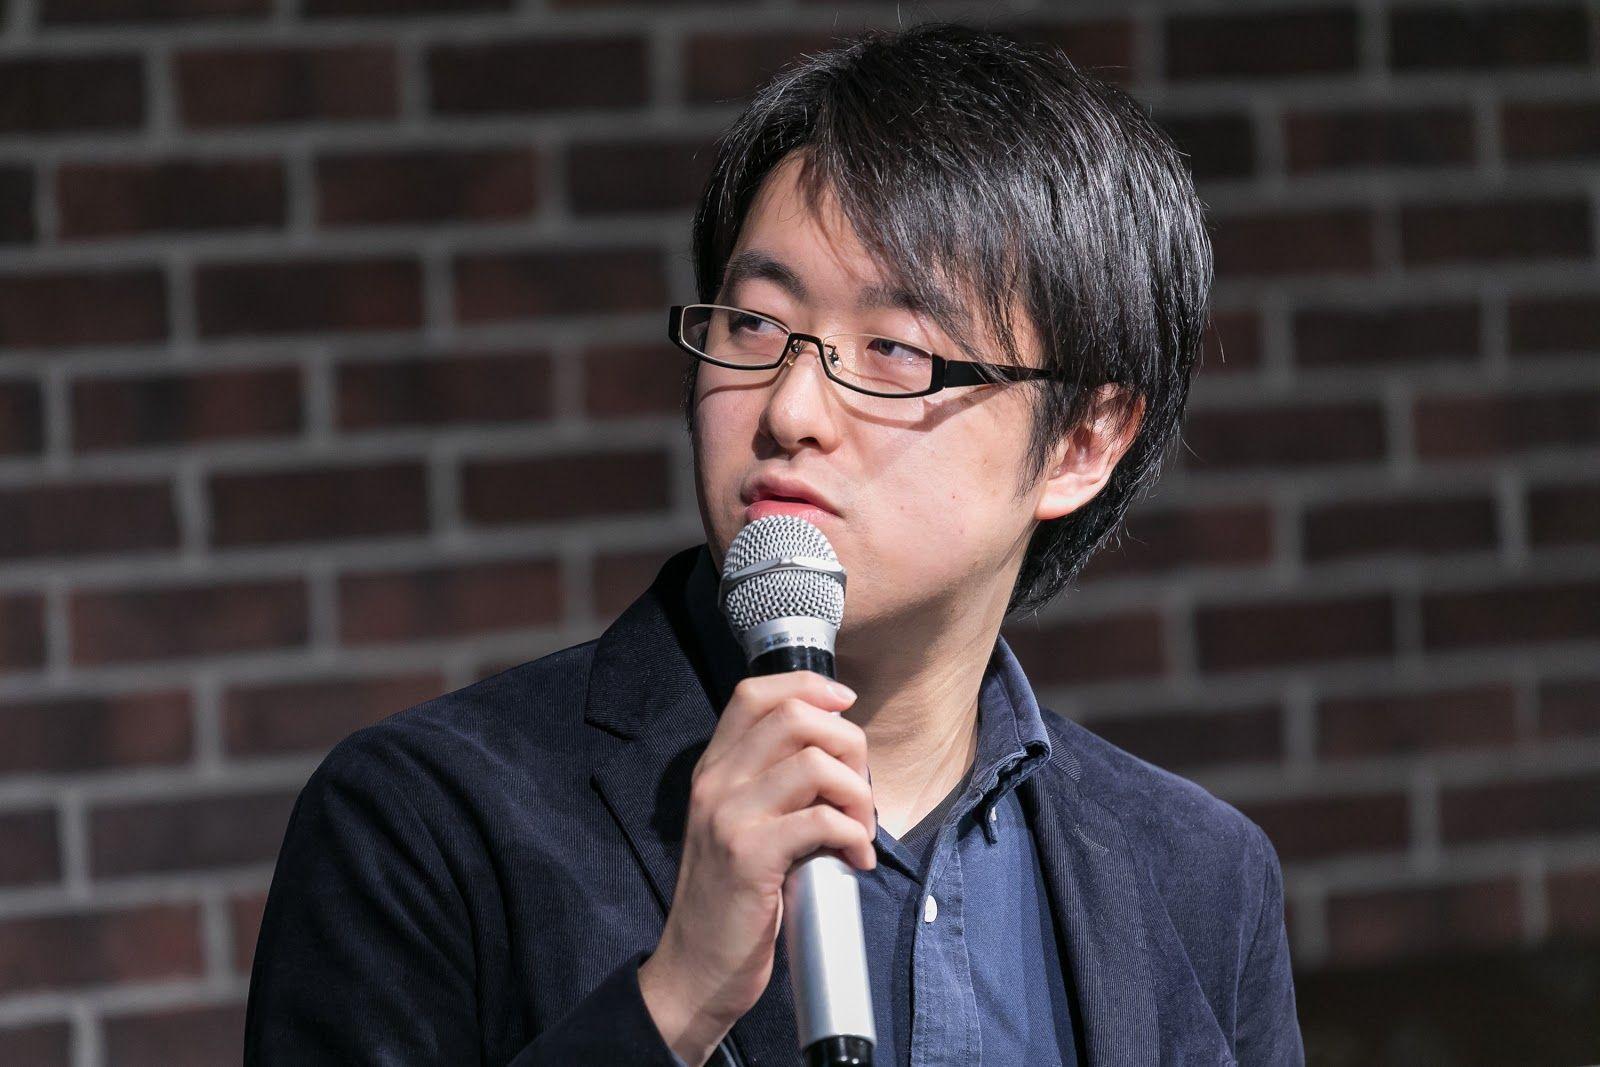 グッドパッチ アプリケーションデザイナー/インターフェイスデベロッパー 丸 怜里さん